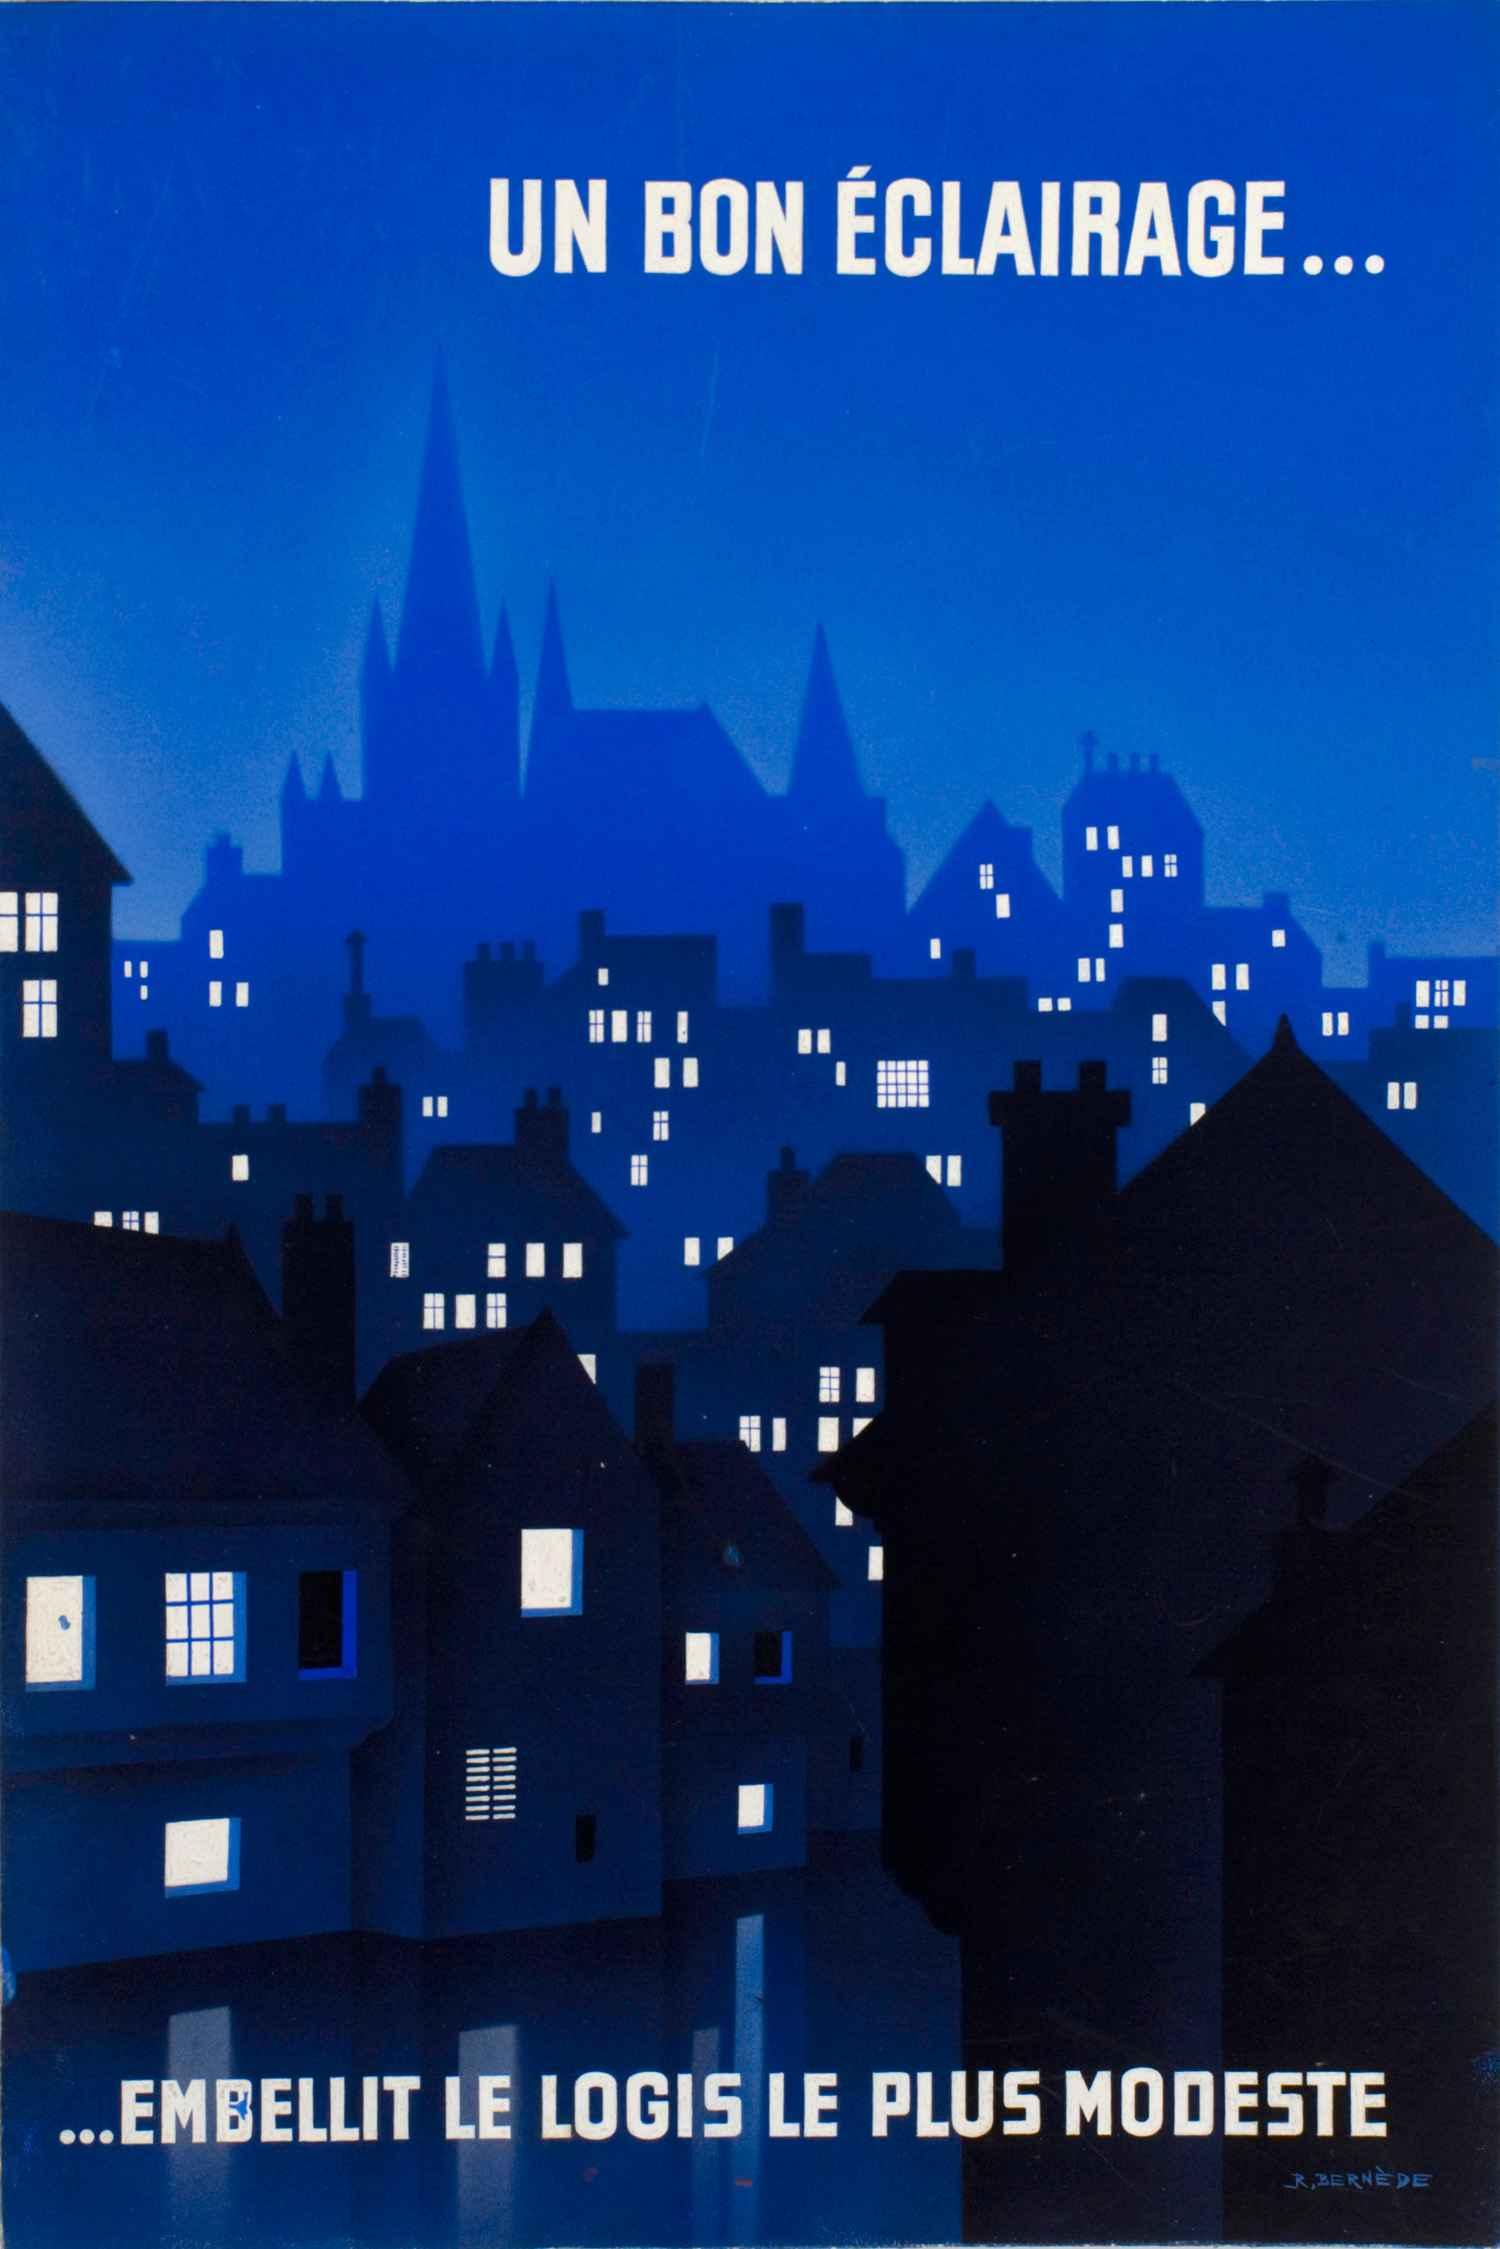 Un bel éclairage... | Gouaches Publicitaires | R. Bernède